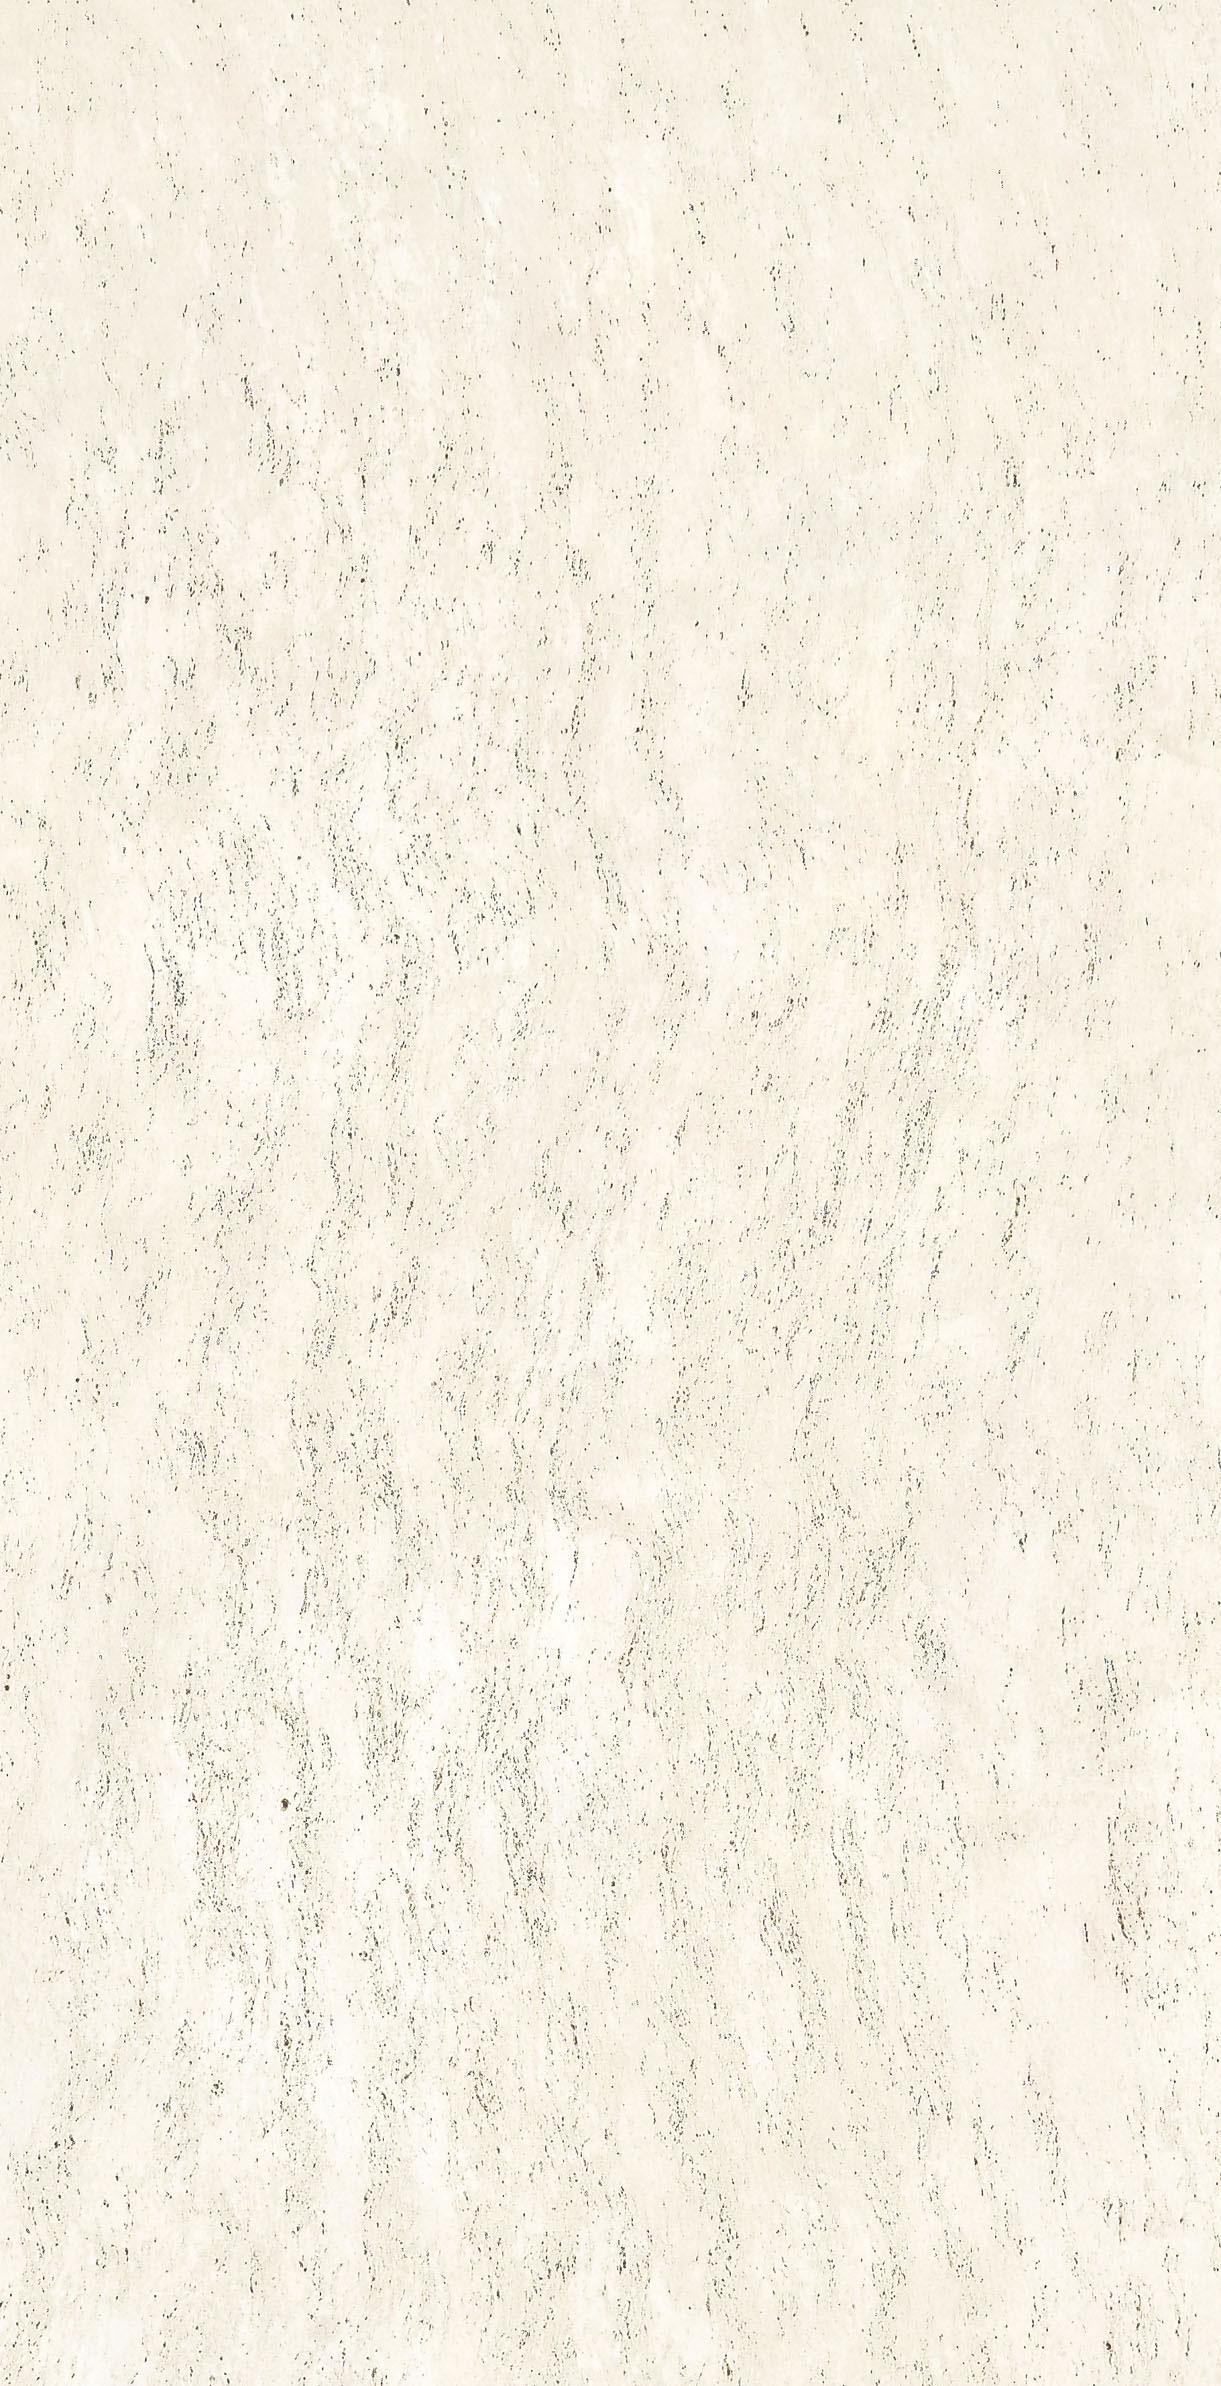 格莱斯水韵洞石系列LW3912611地面玻化砖LW3912611